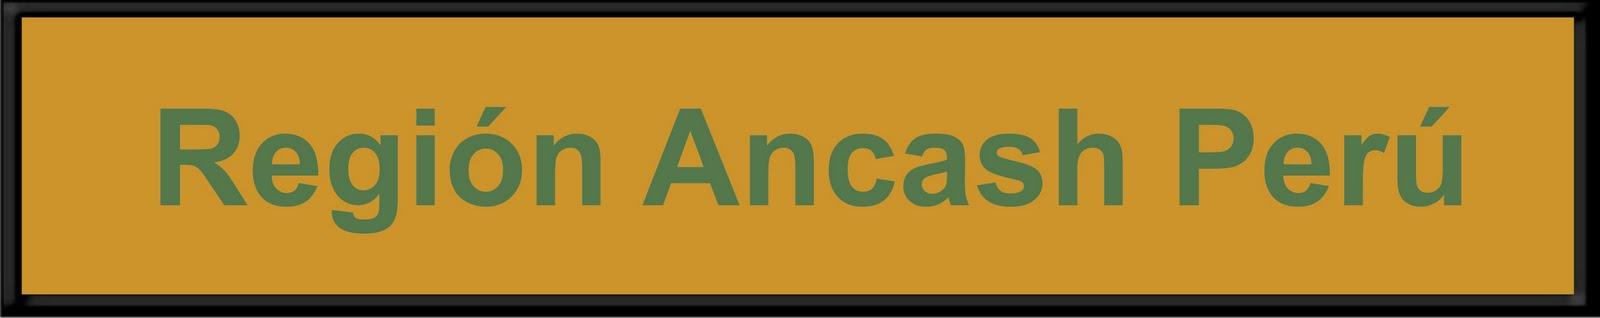 REGIÓN ANCASH PERU